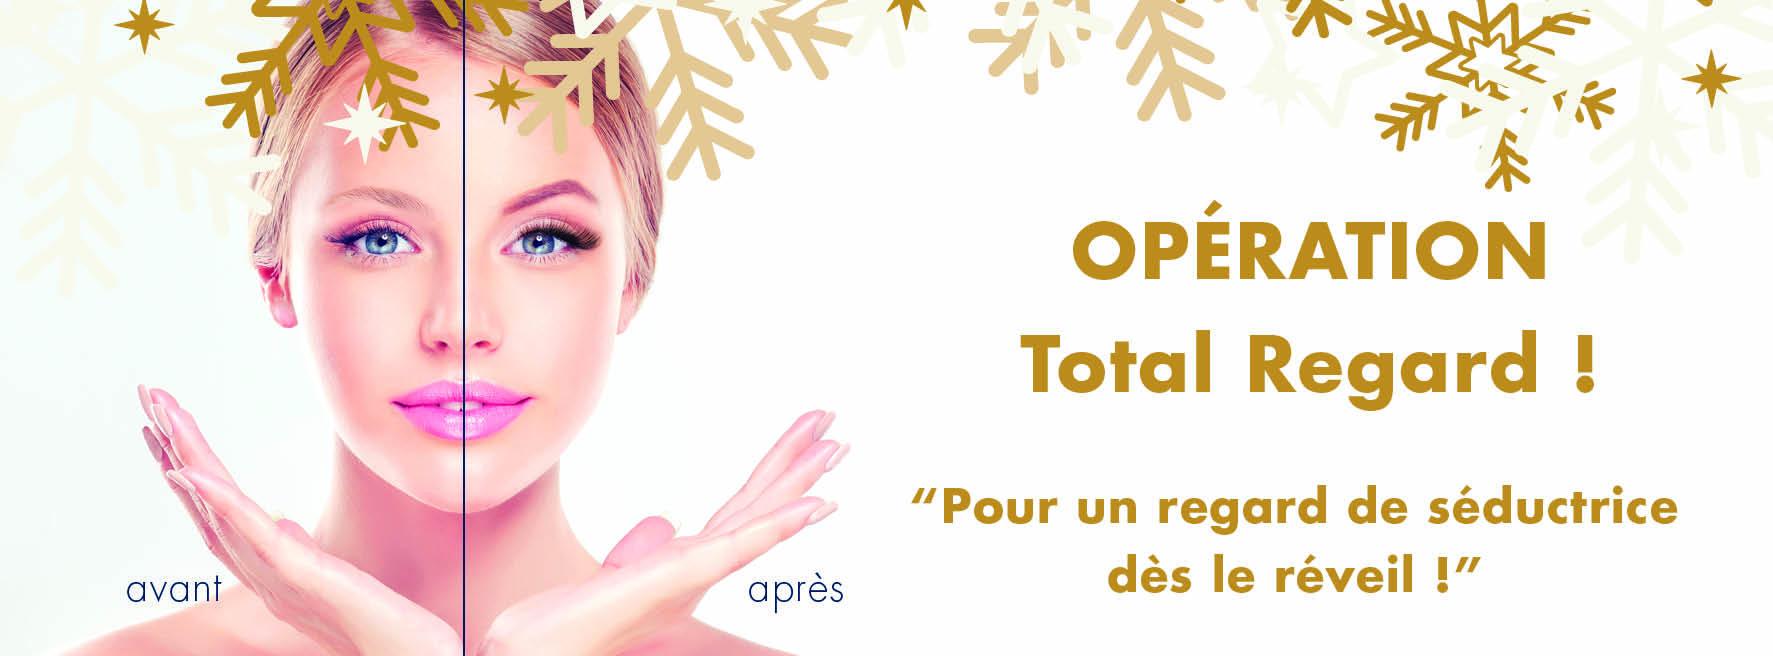 02-851x315-Novembre-baignoire-beauty-bar (1)